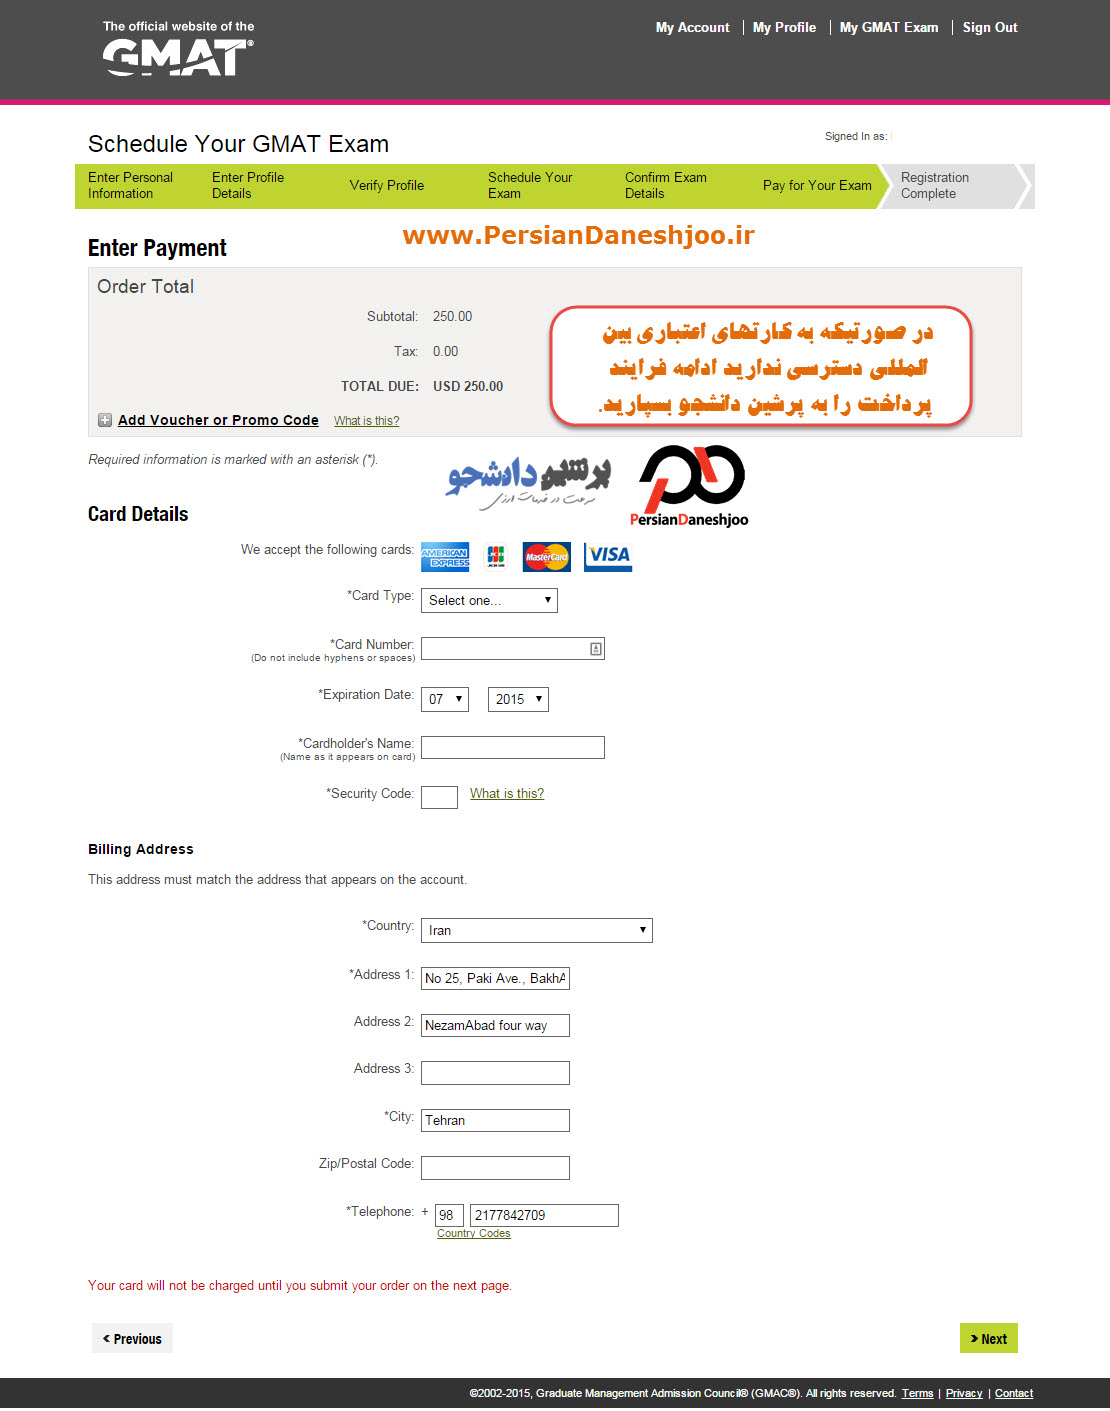 راهنمای پرداخت هزینه آزمون GMAT، mba.com مدیریت